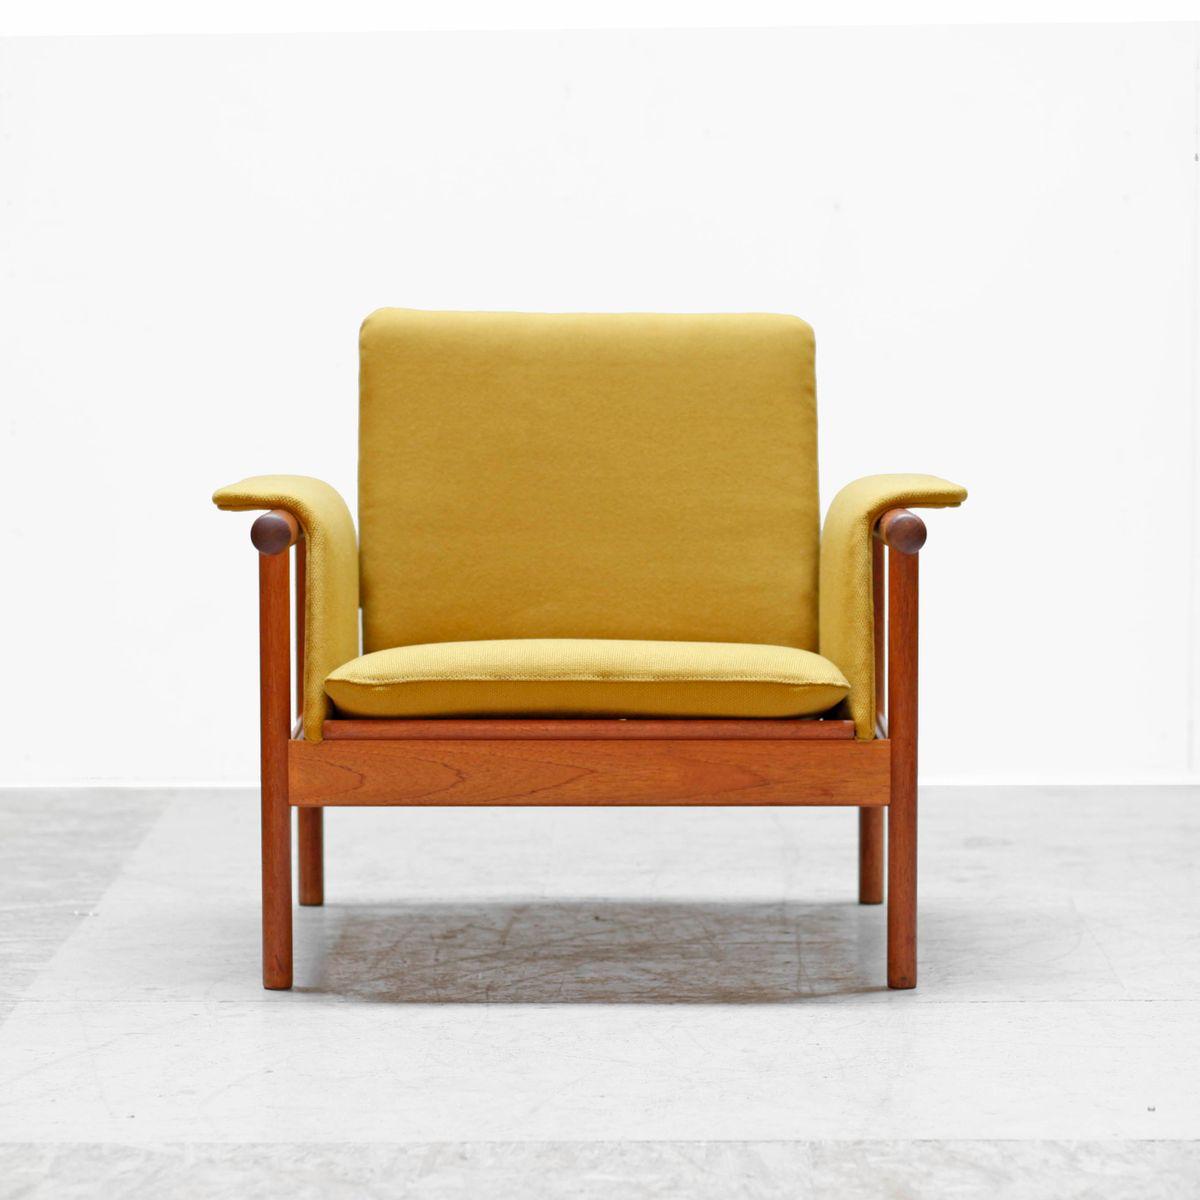 Dänischer Teak Sessel von Illum Wikkelsø, 1960er